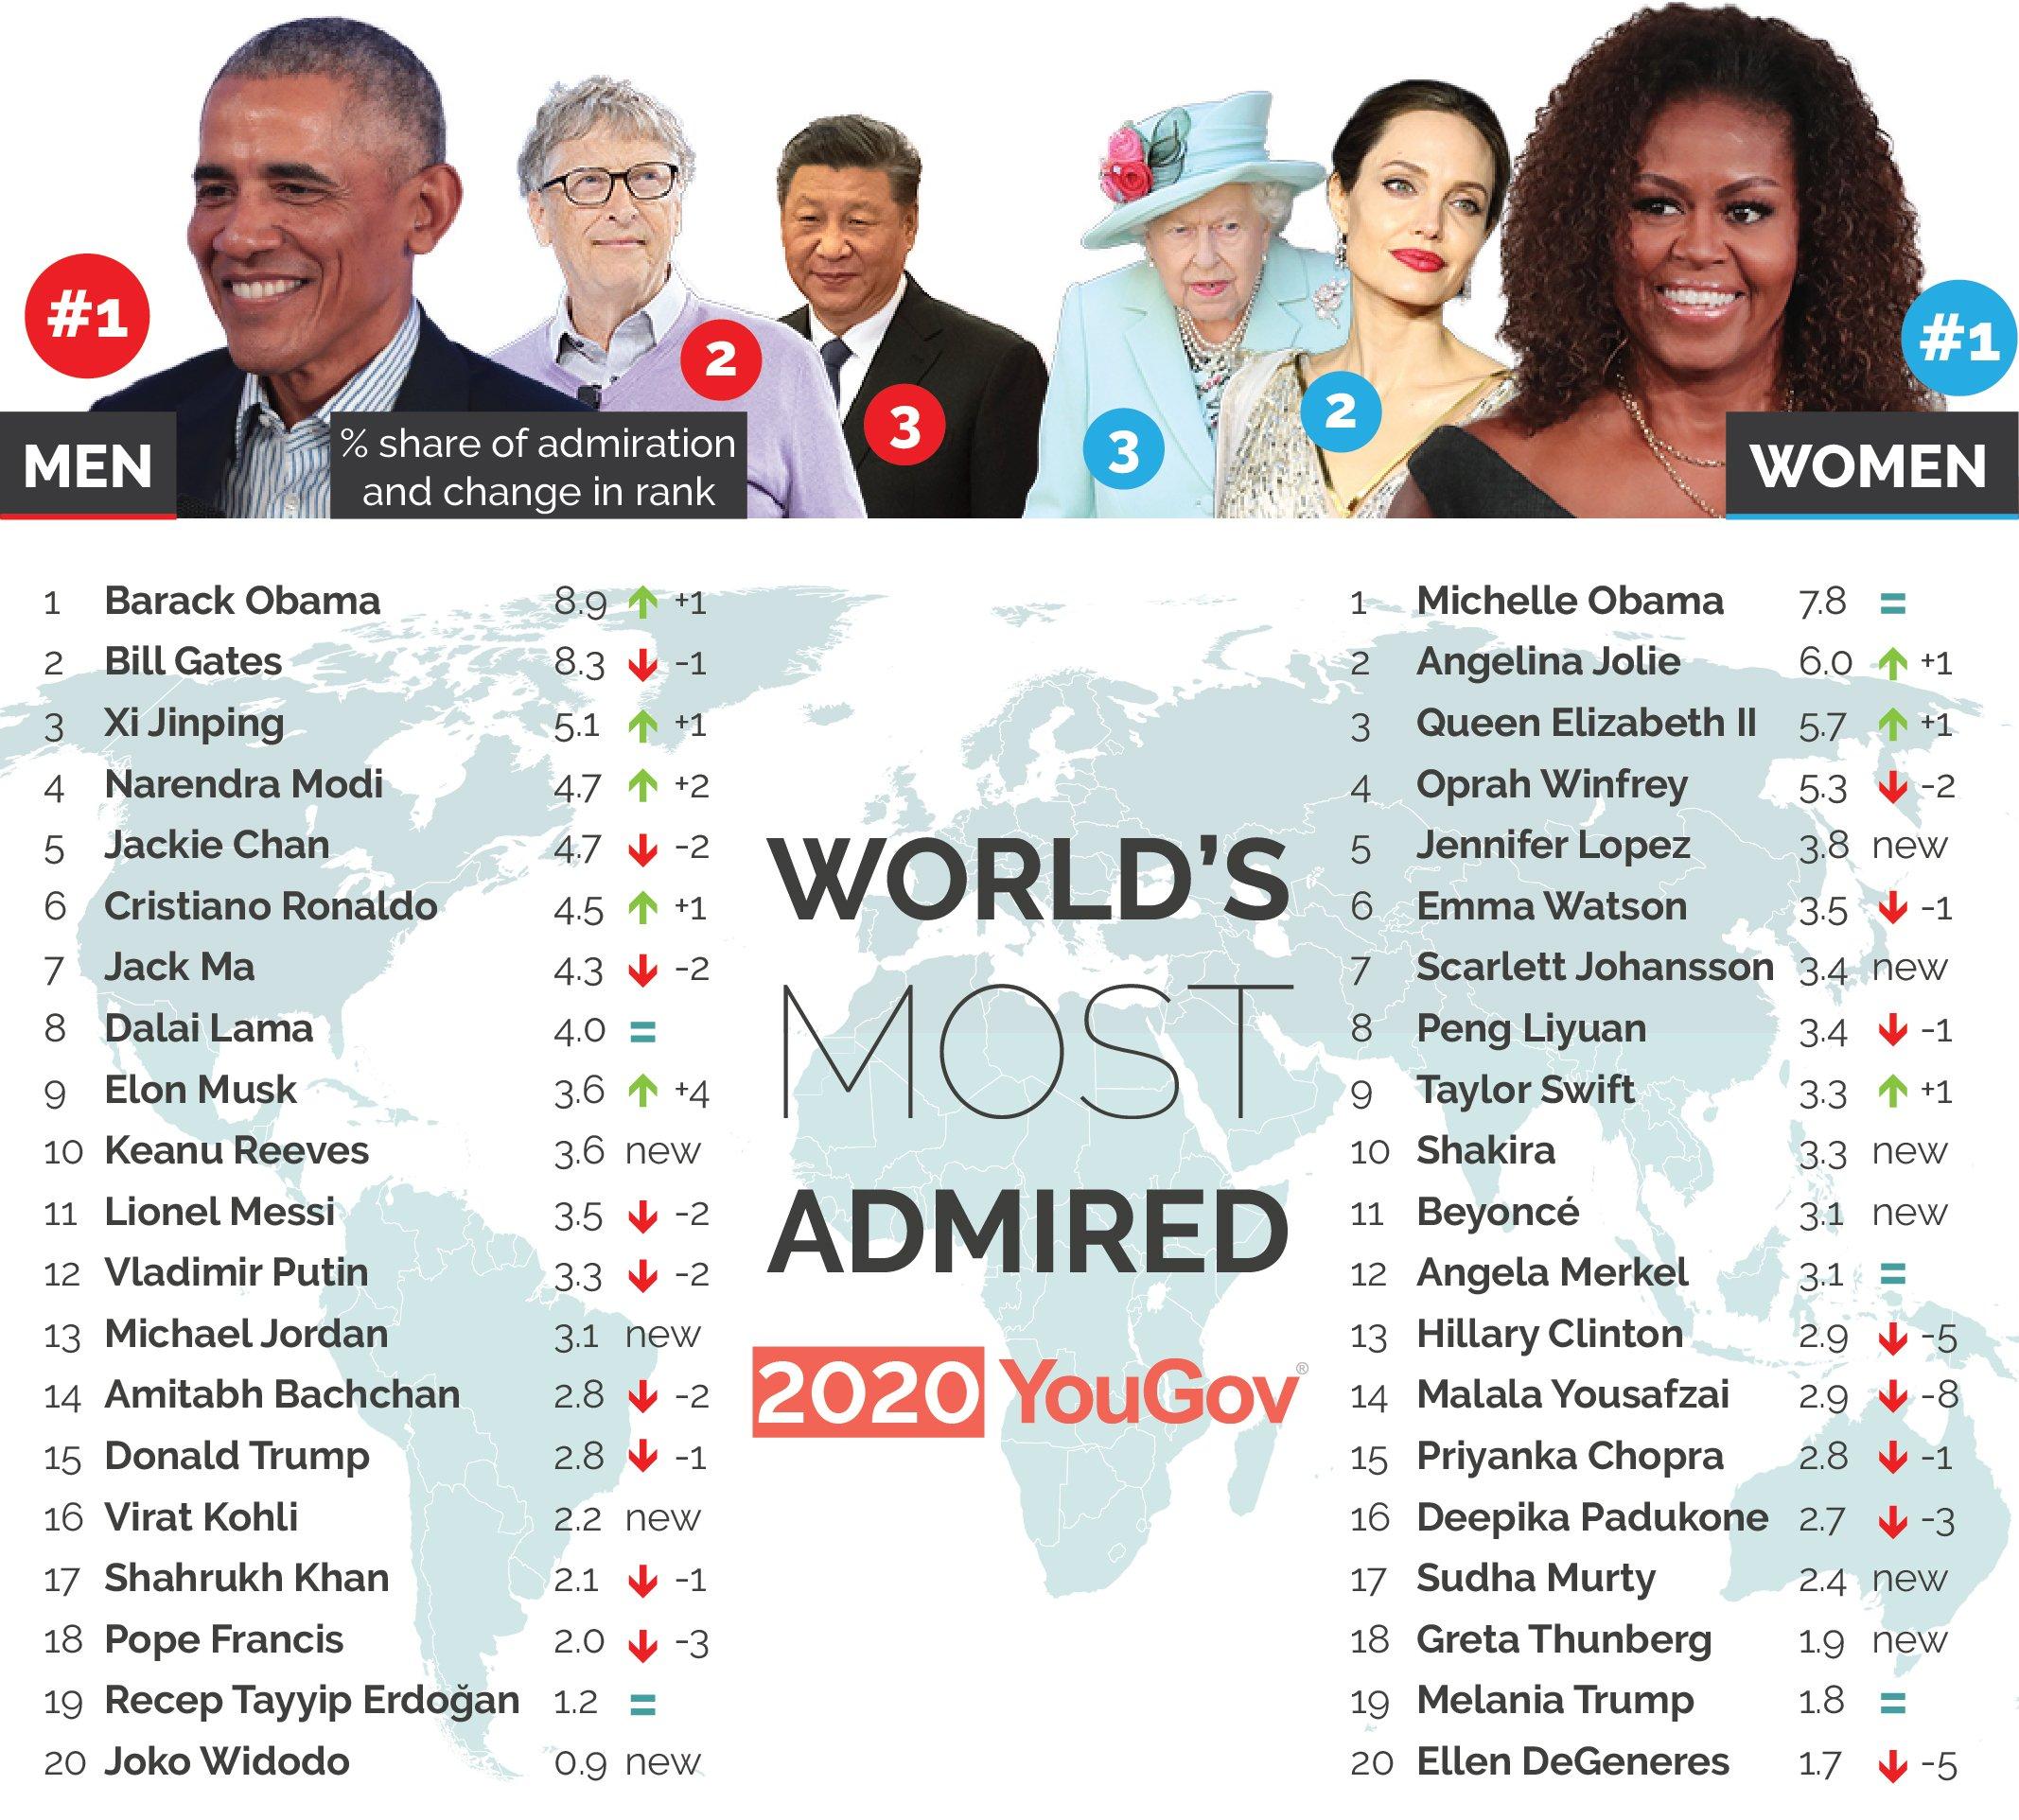 Рейтинг самых уважаемых публичных людей мира по версии YouGov